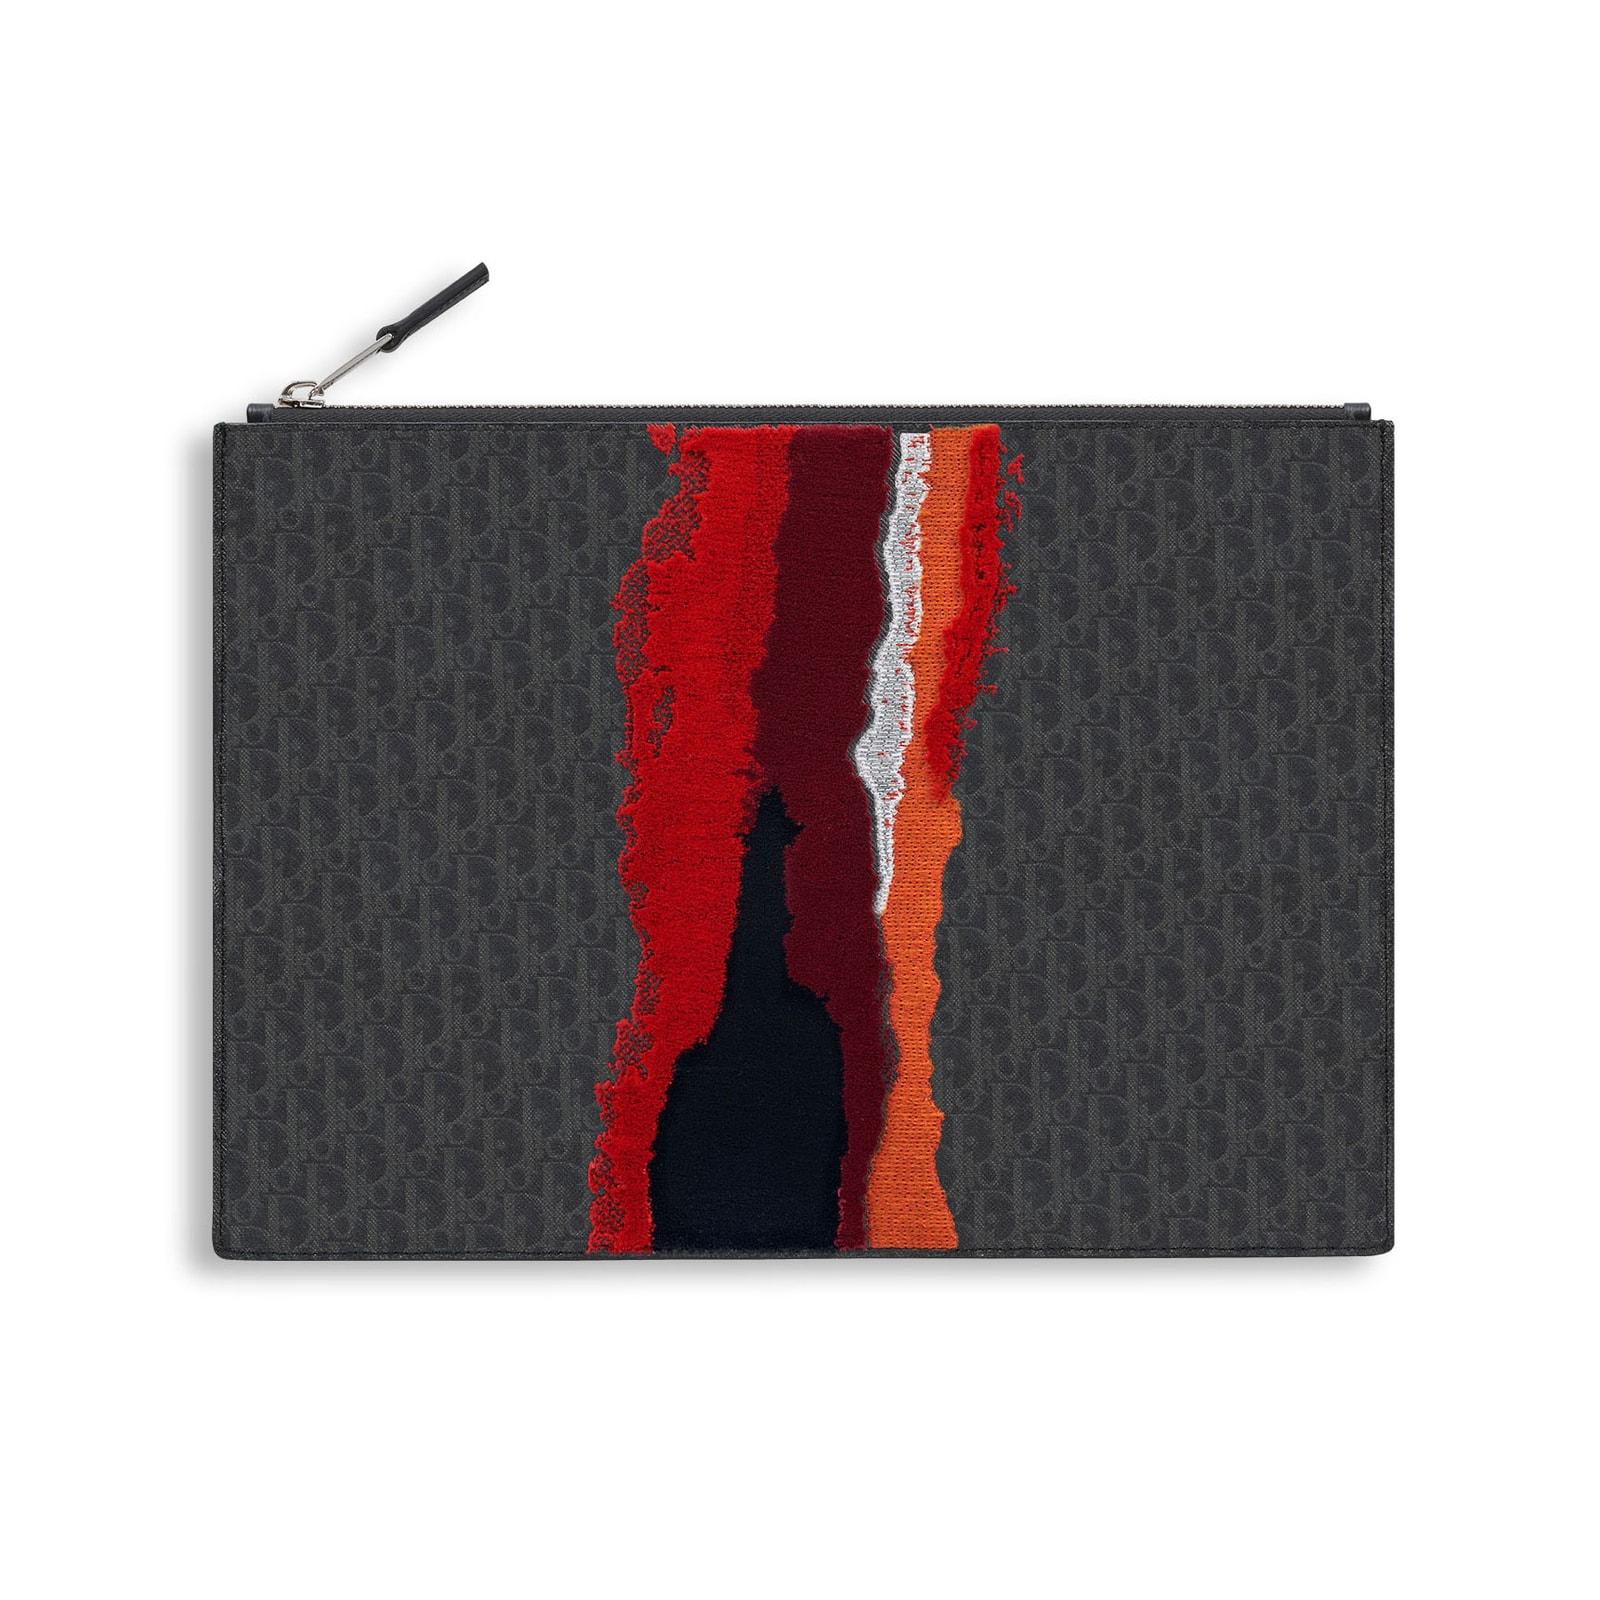 Dior Homme Red Tufted Darklight Canvas Pouch